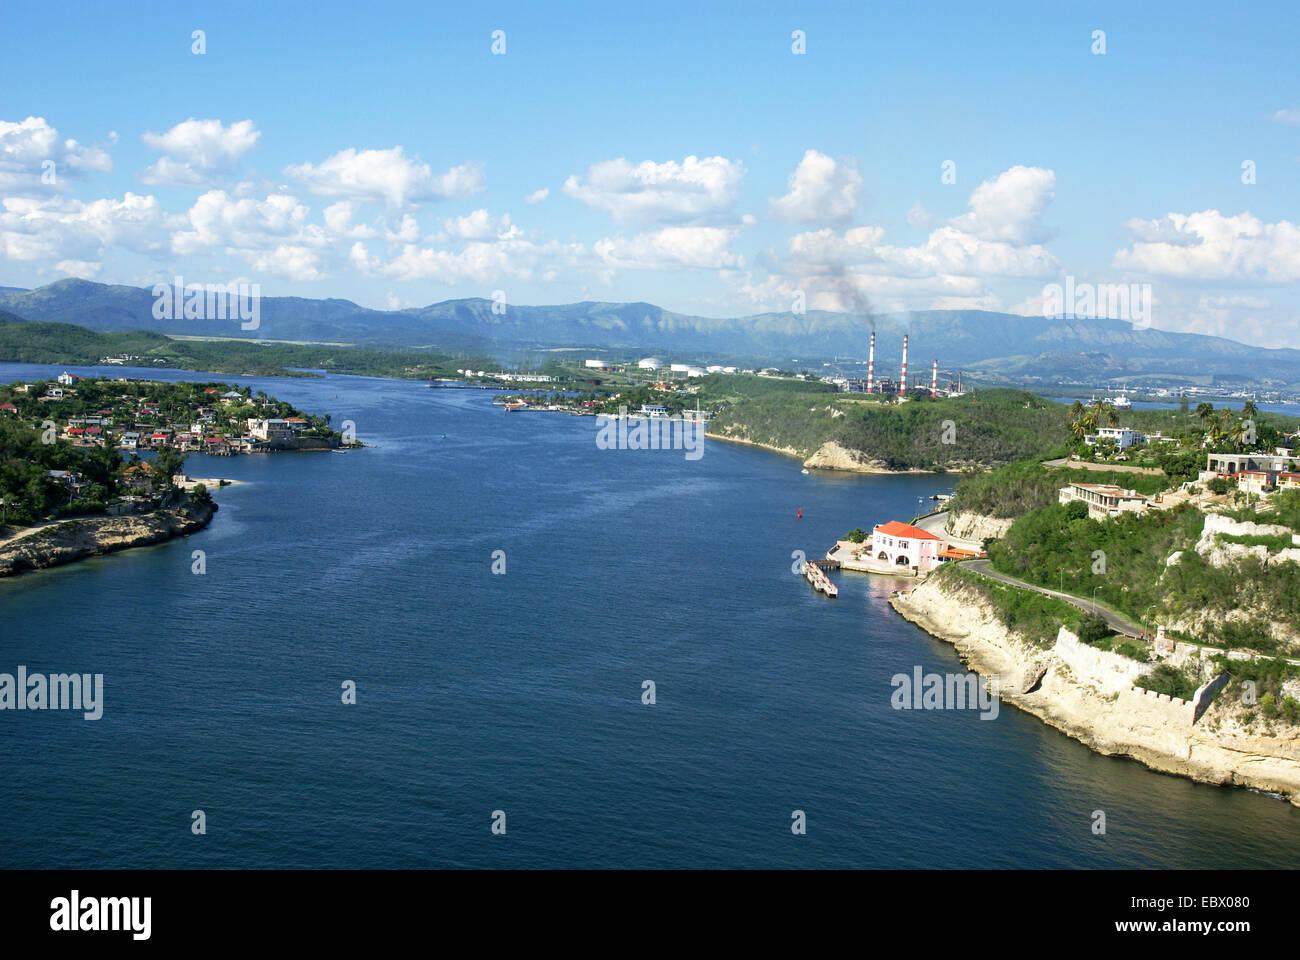 La baie de Santiago de Cuba, Cuba vu du Castillo de San Pedro del Morro fortress Photo Stock